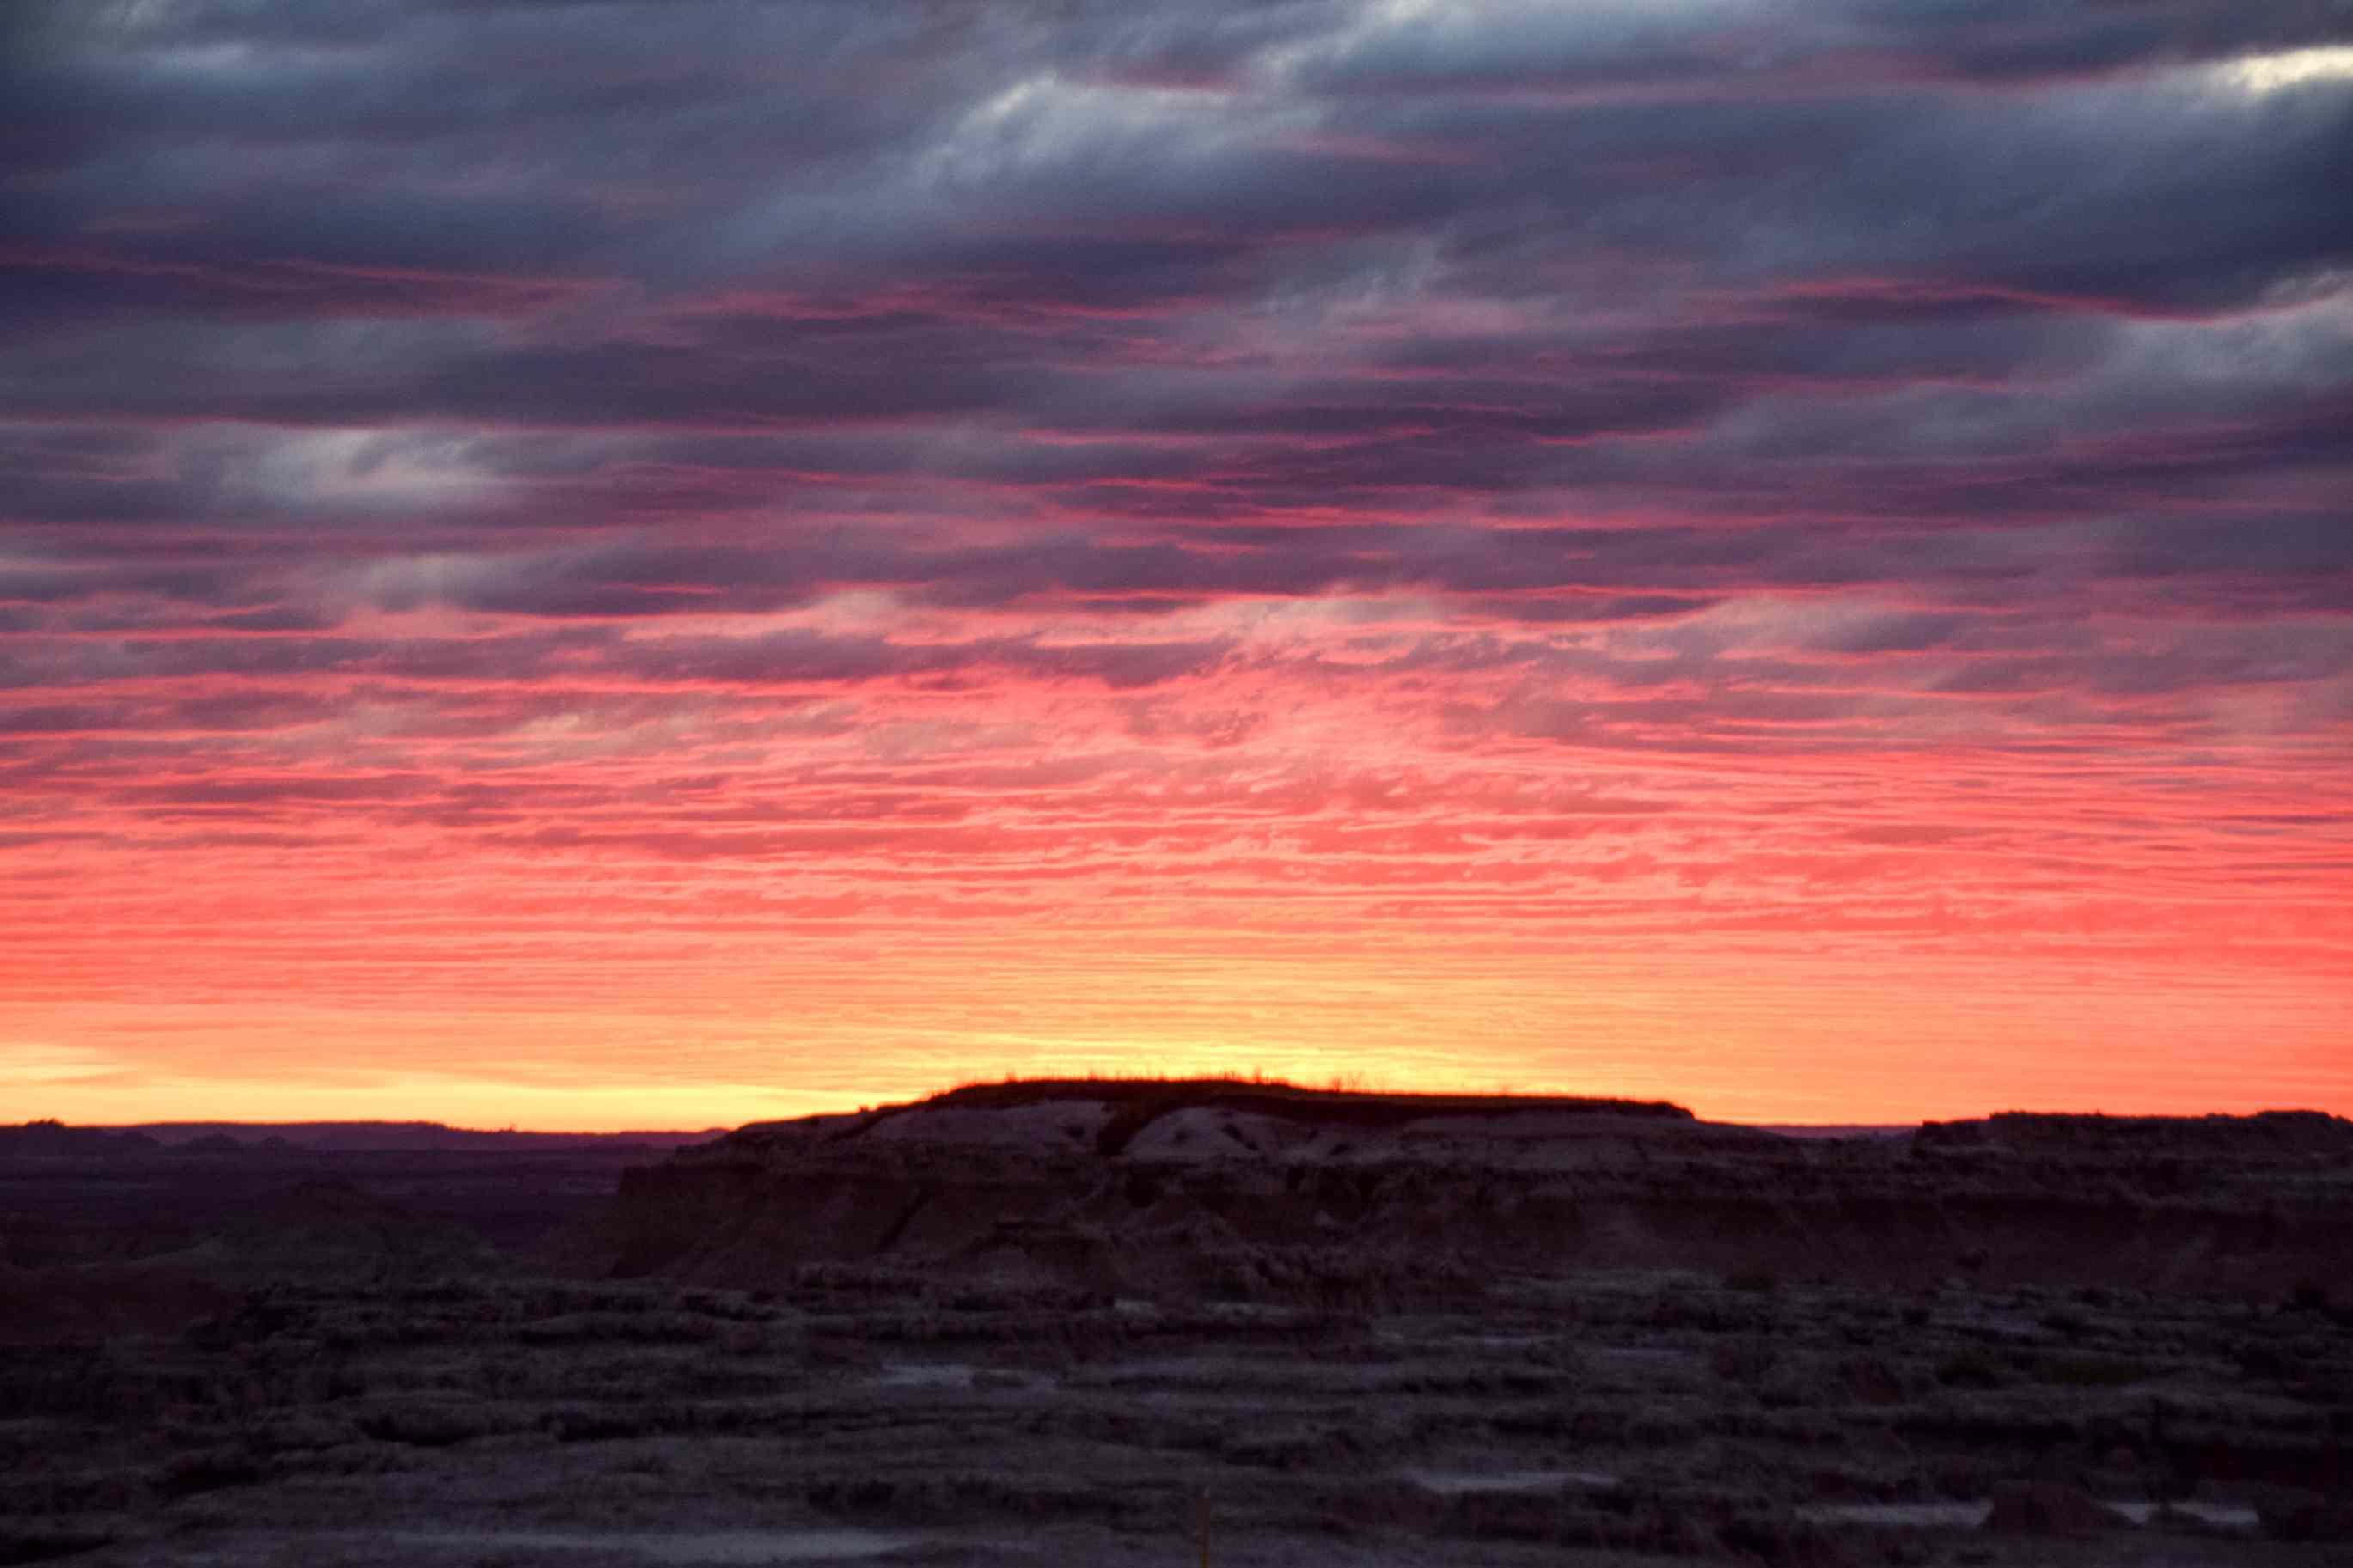 Sunset in Badlands National Park